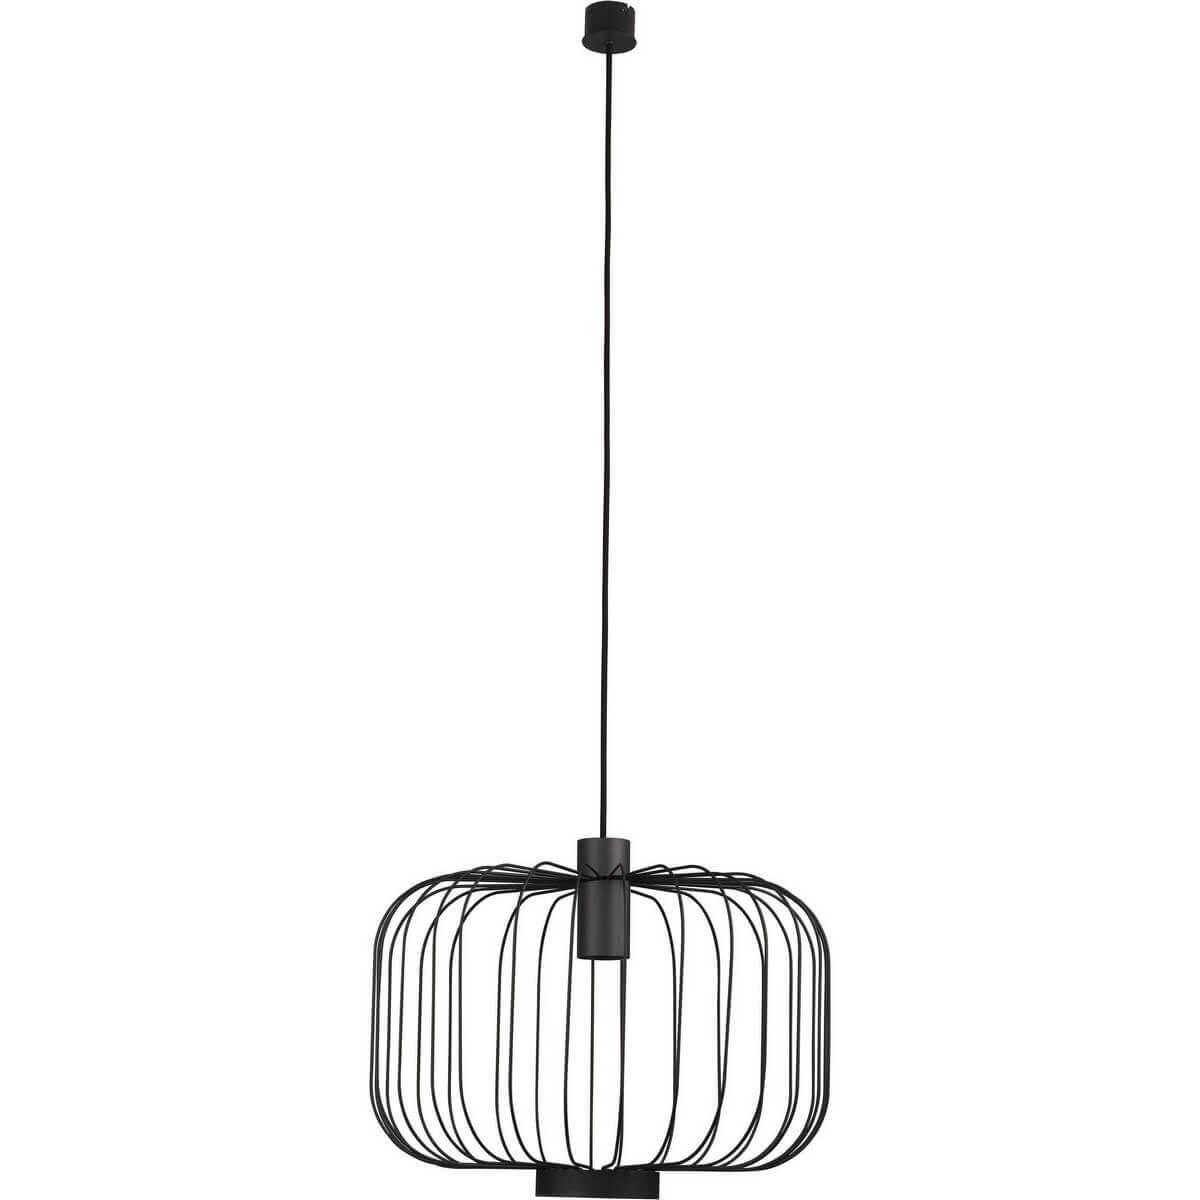 цена на Подвесной светильник Nowodvorski Allan 6941